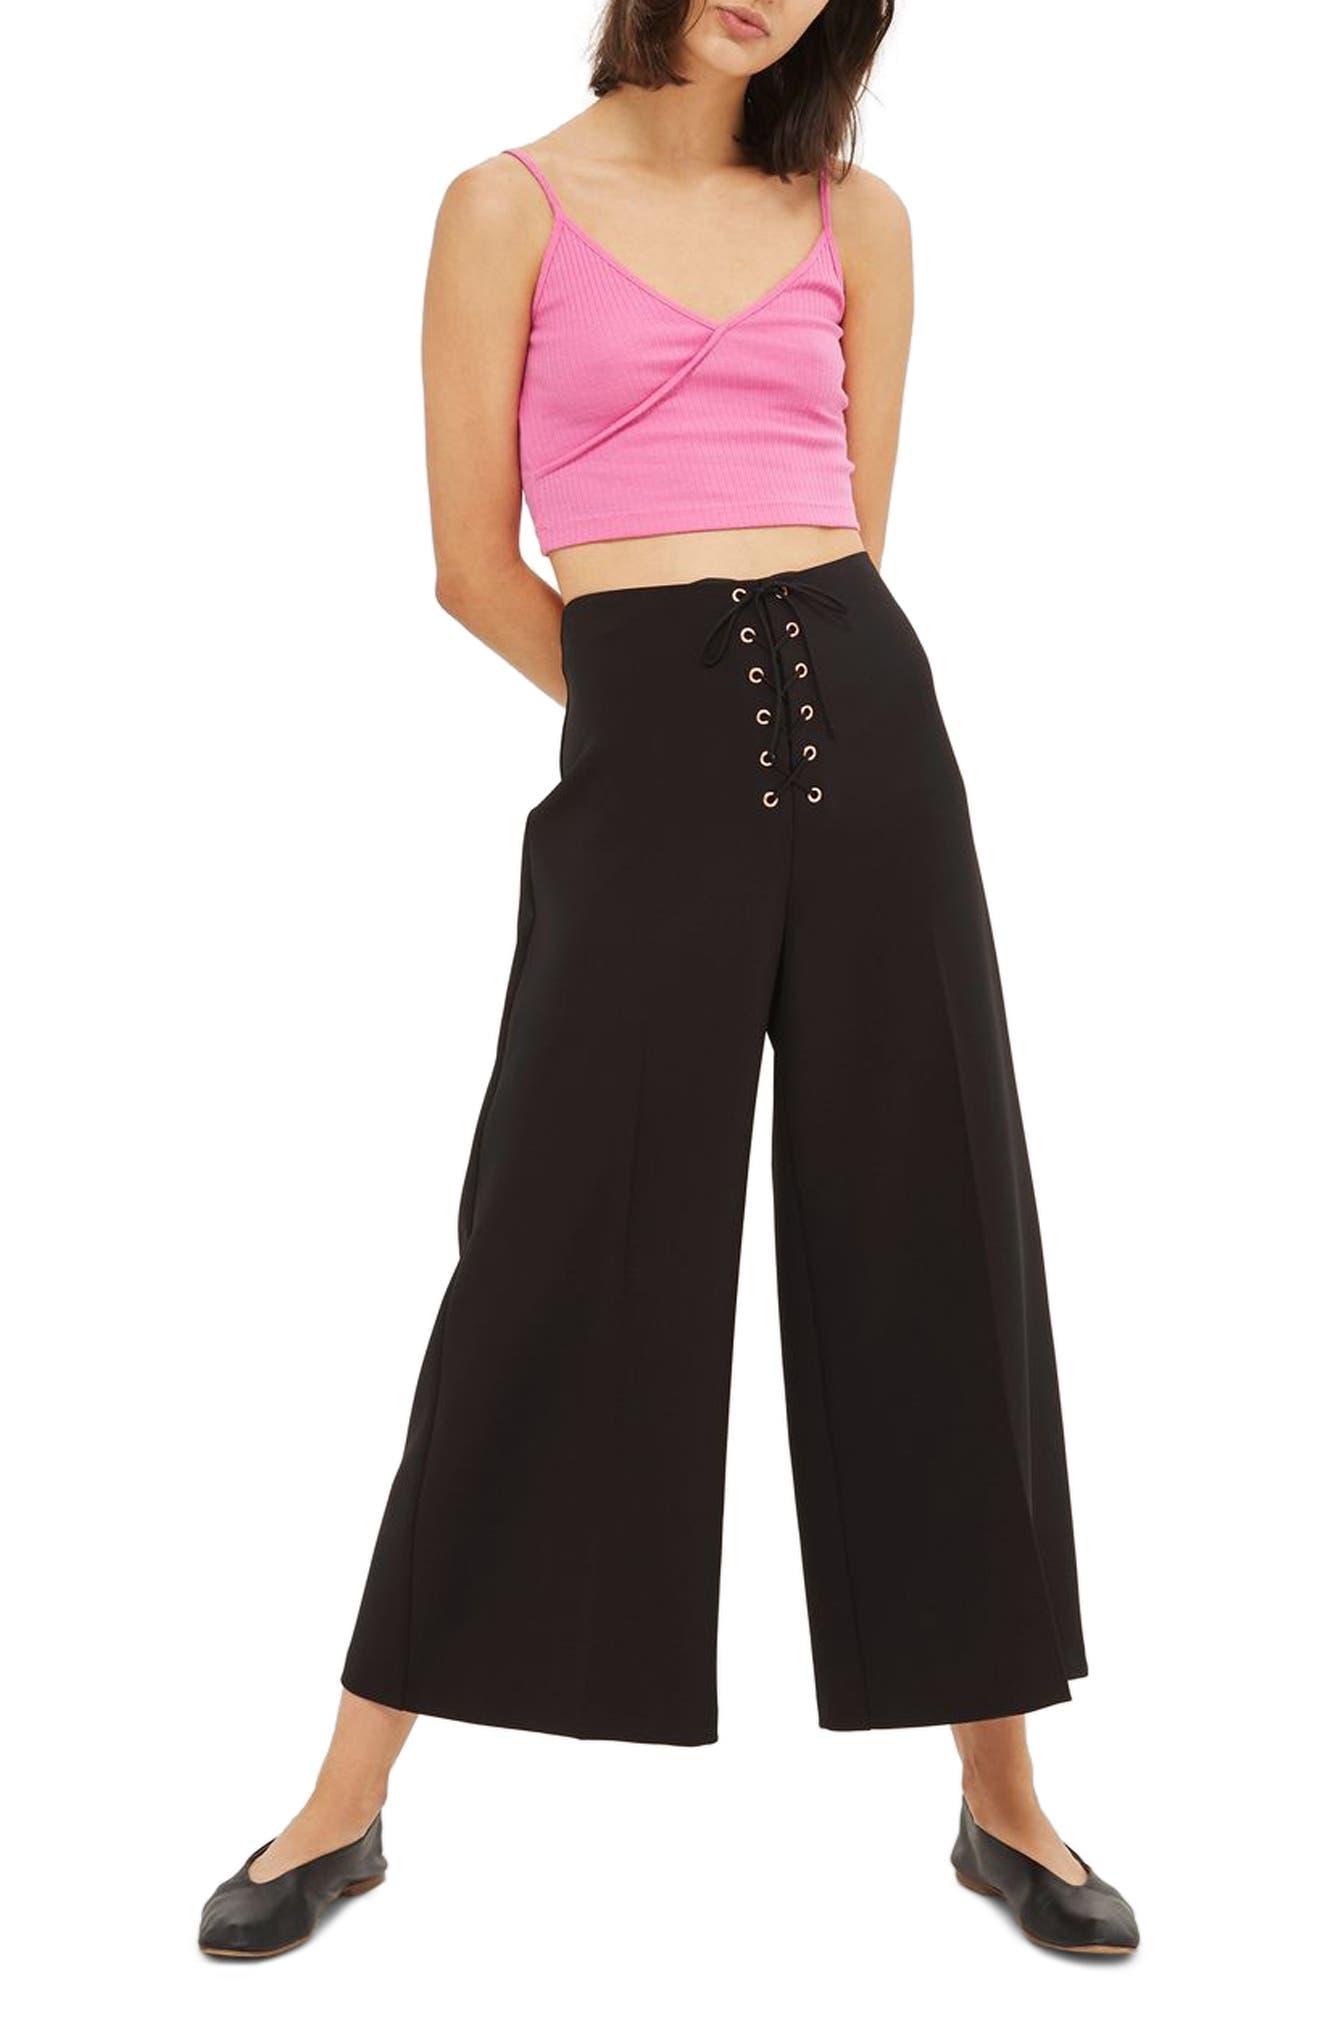 Topshop Lace-Up Wide Leg Crop Pants